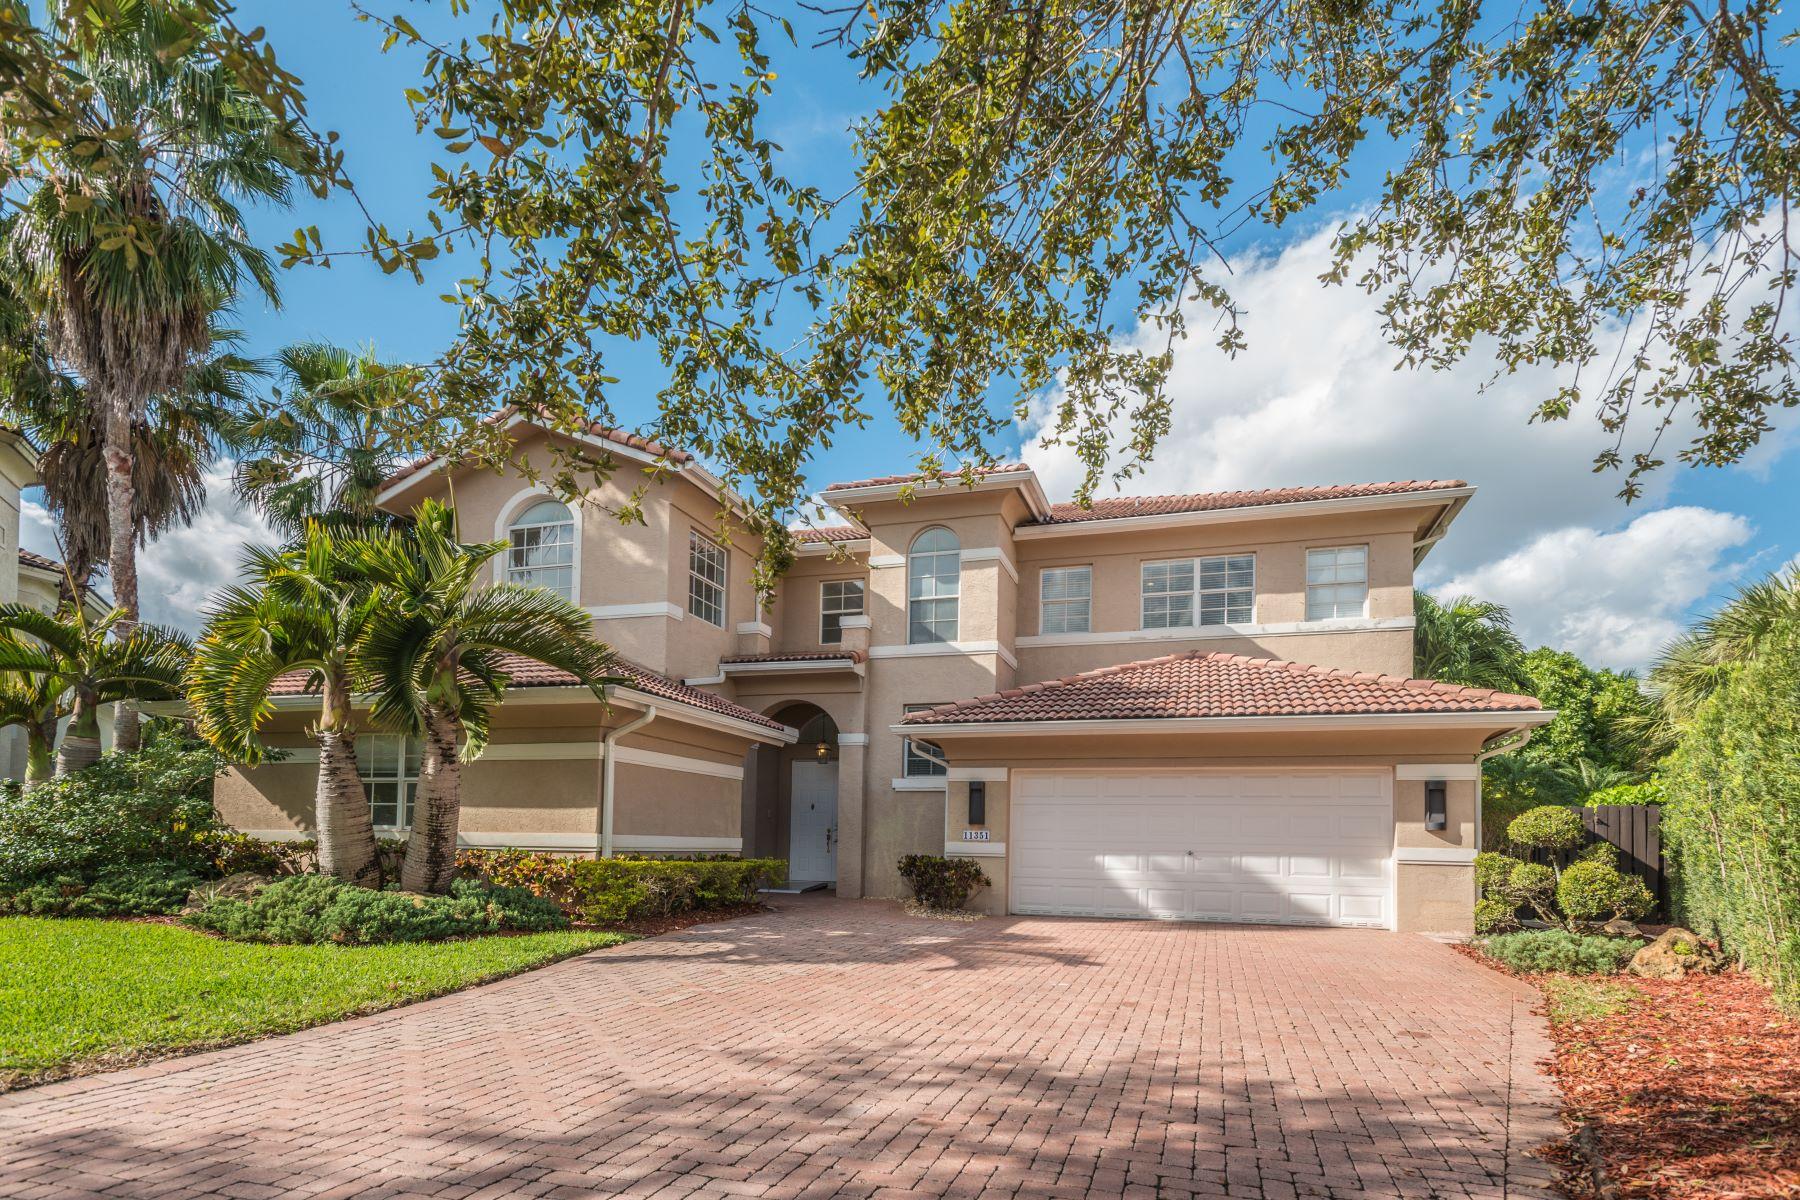 Maison unifamiliale pour l Vente à Mediterranean Beauty in Doral Isles 11351 Nw 71st St Doral, Florida, 33178 États-Unis